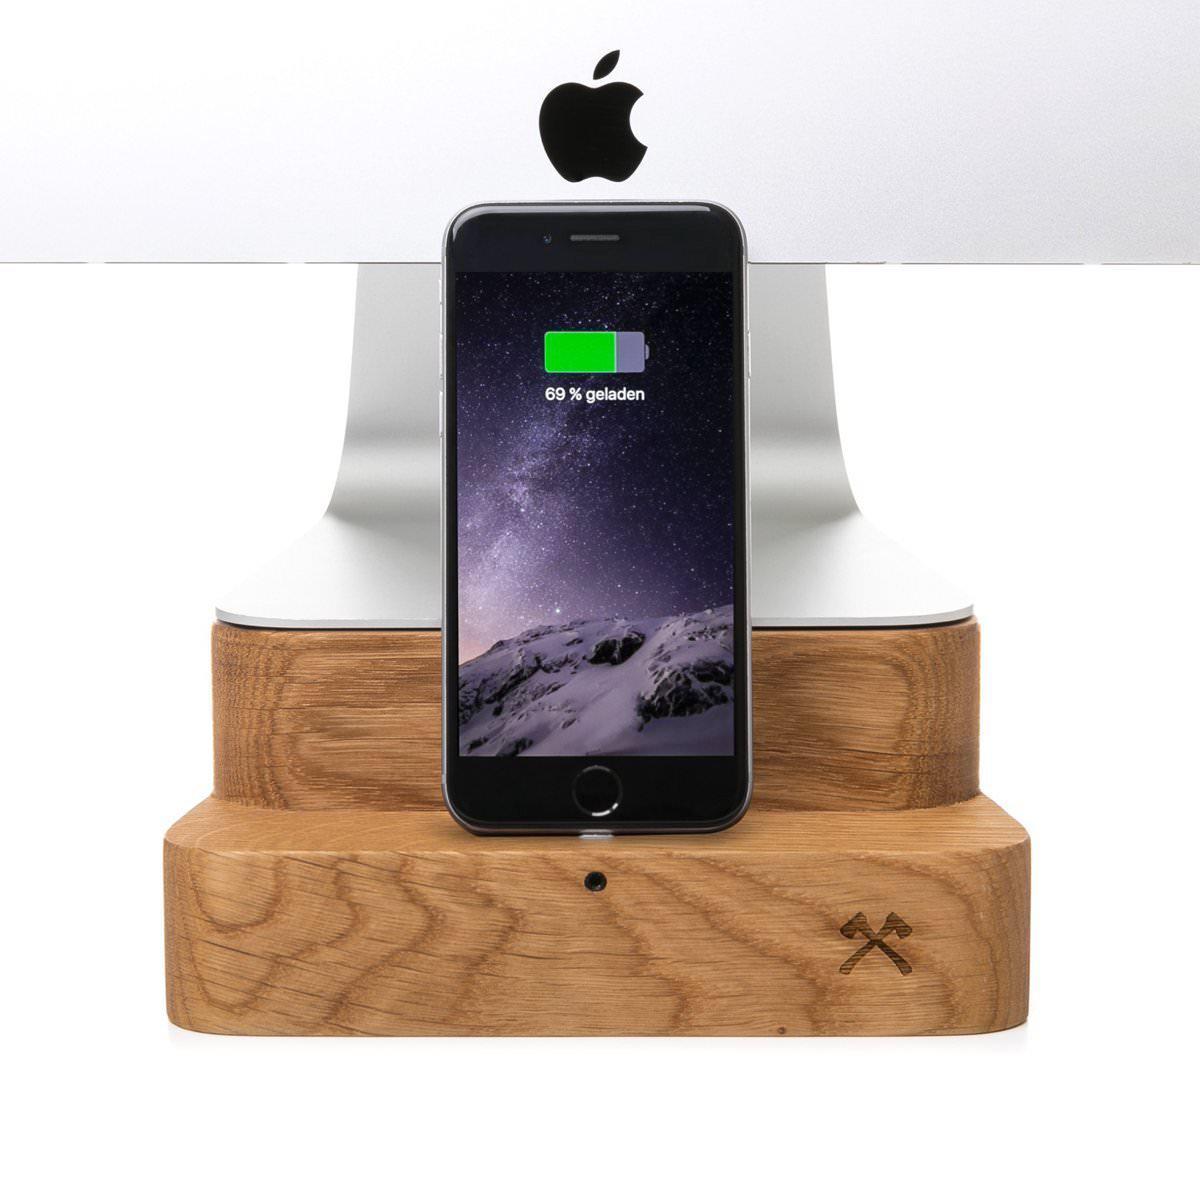 iMac Ständer mit iPhone Ladestation